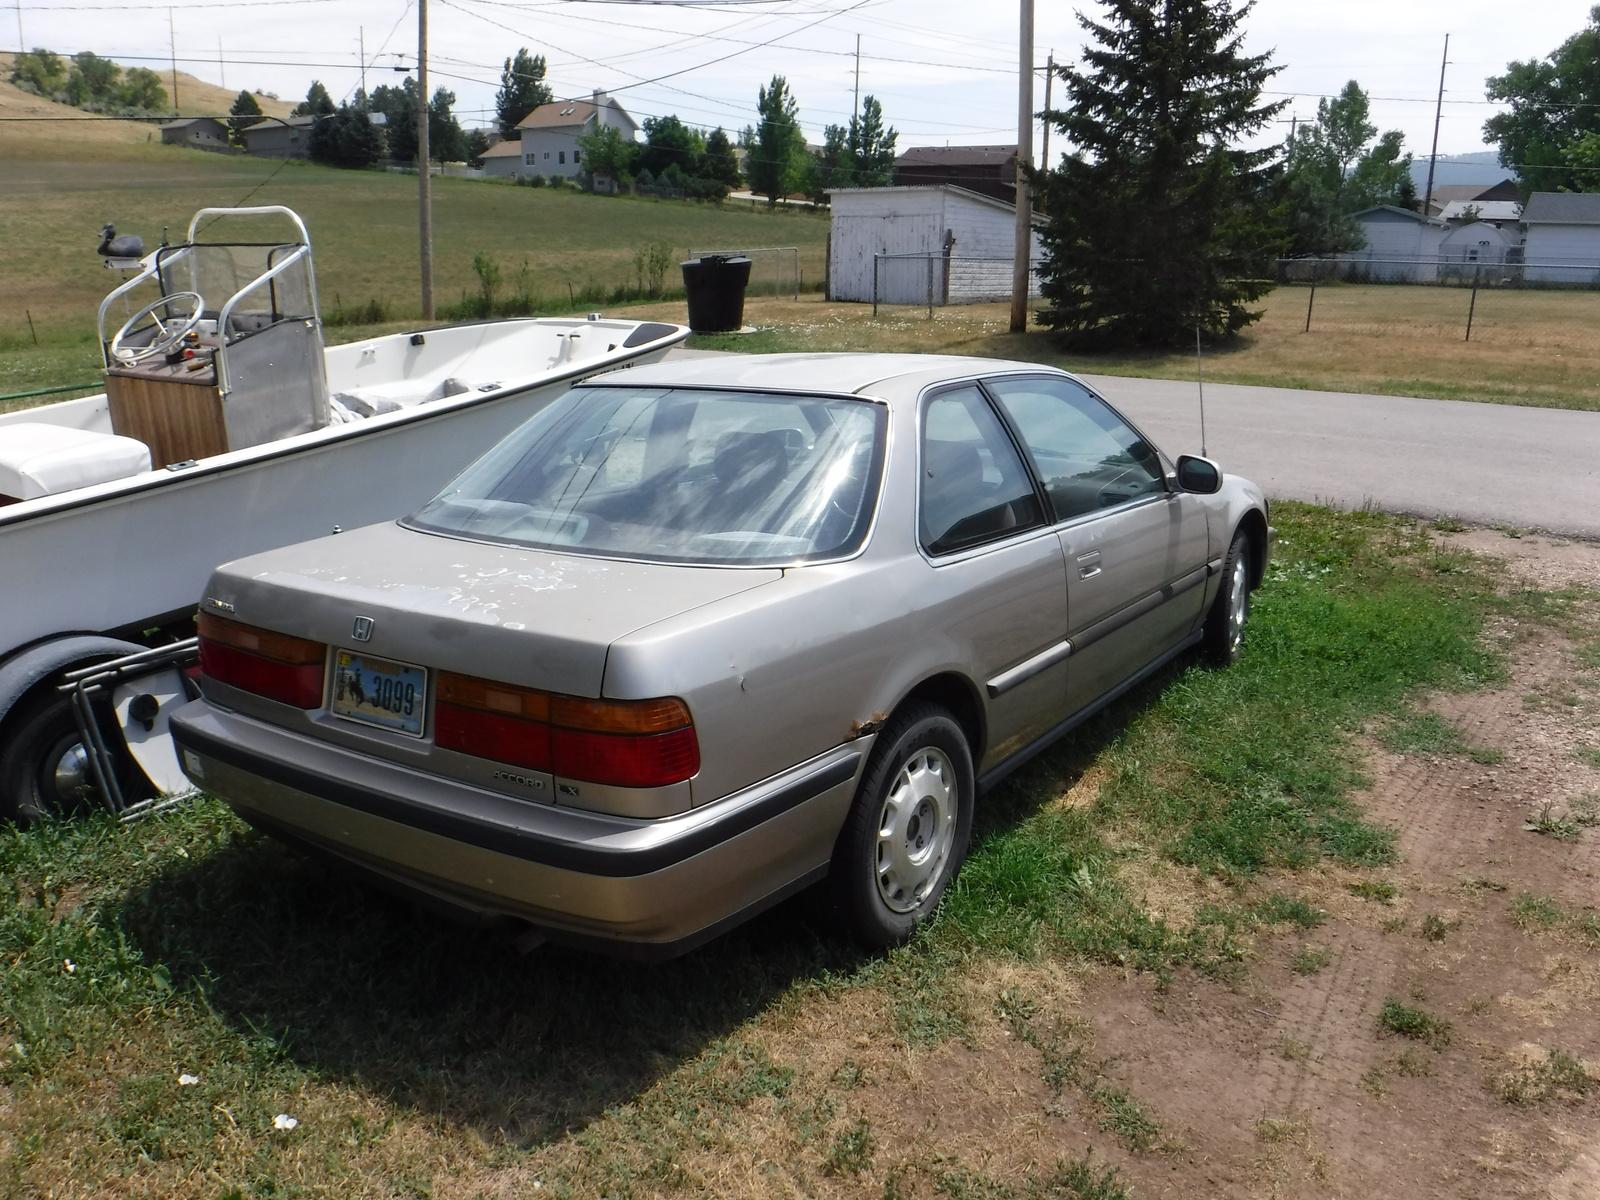 Kelebihan Kekurangan Honda Accord 1991 Murah Berkualitas